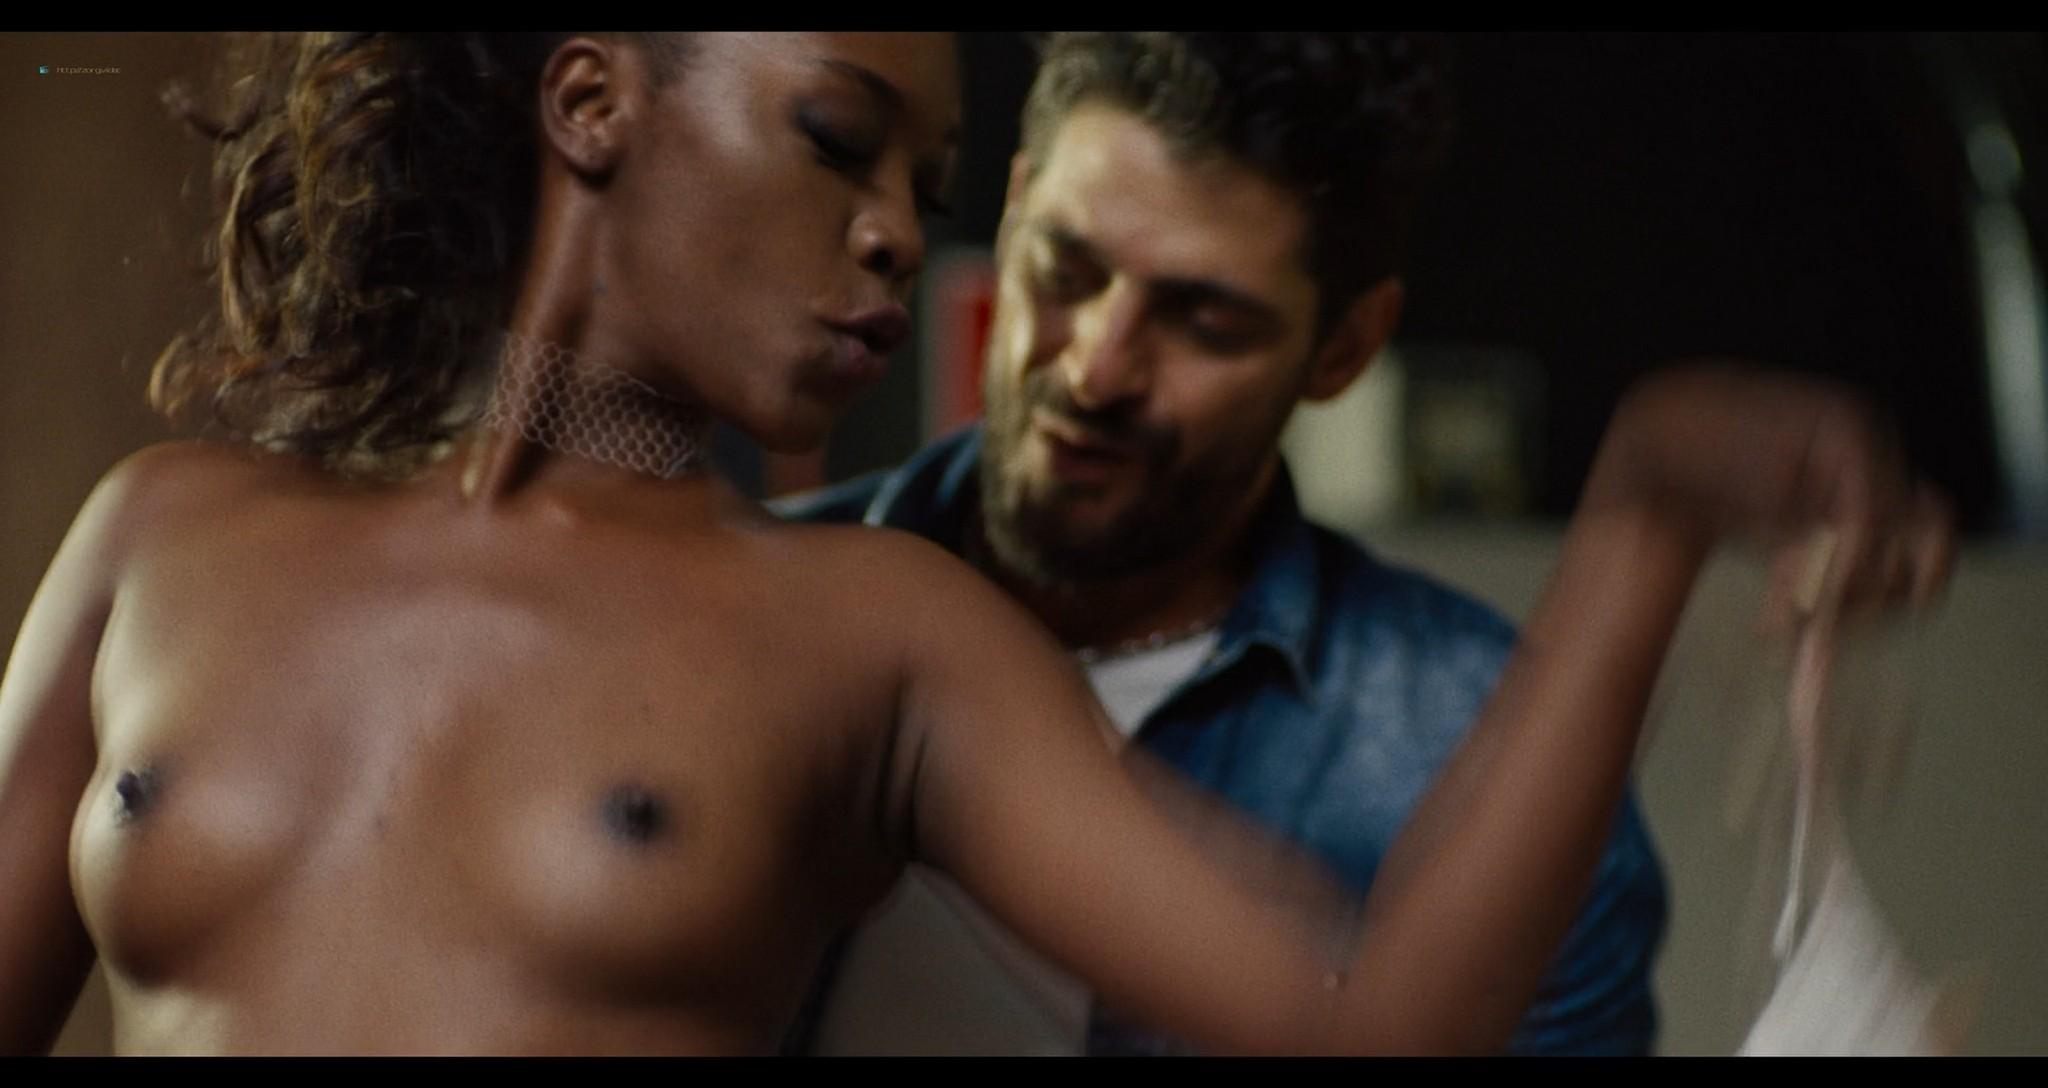 Brunna Martins nude Marjorie Bresler, Natalia Dal, Samira Carvalho all nude too- Hard (BR-2020) s1e3 HD 1080p (2)